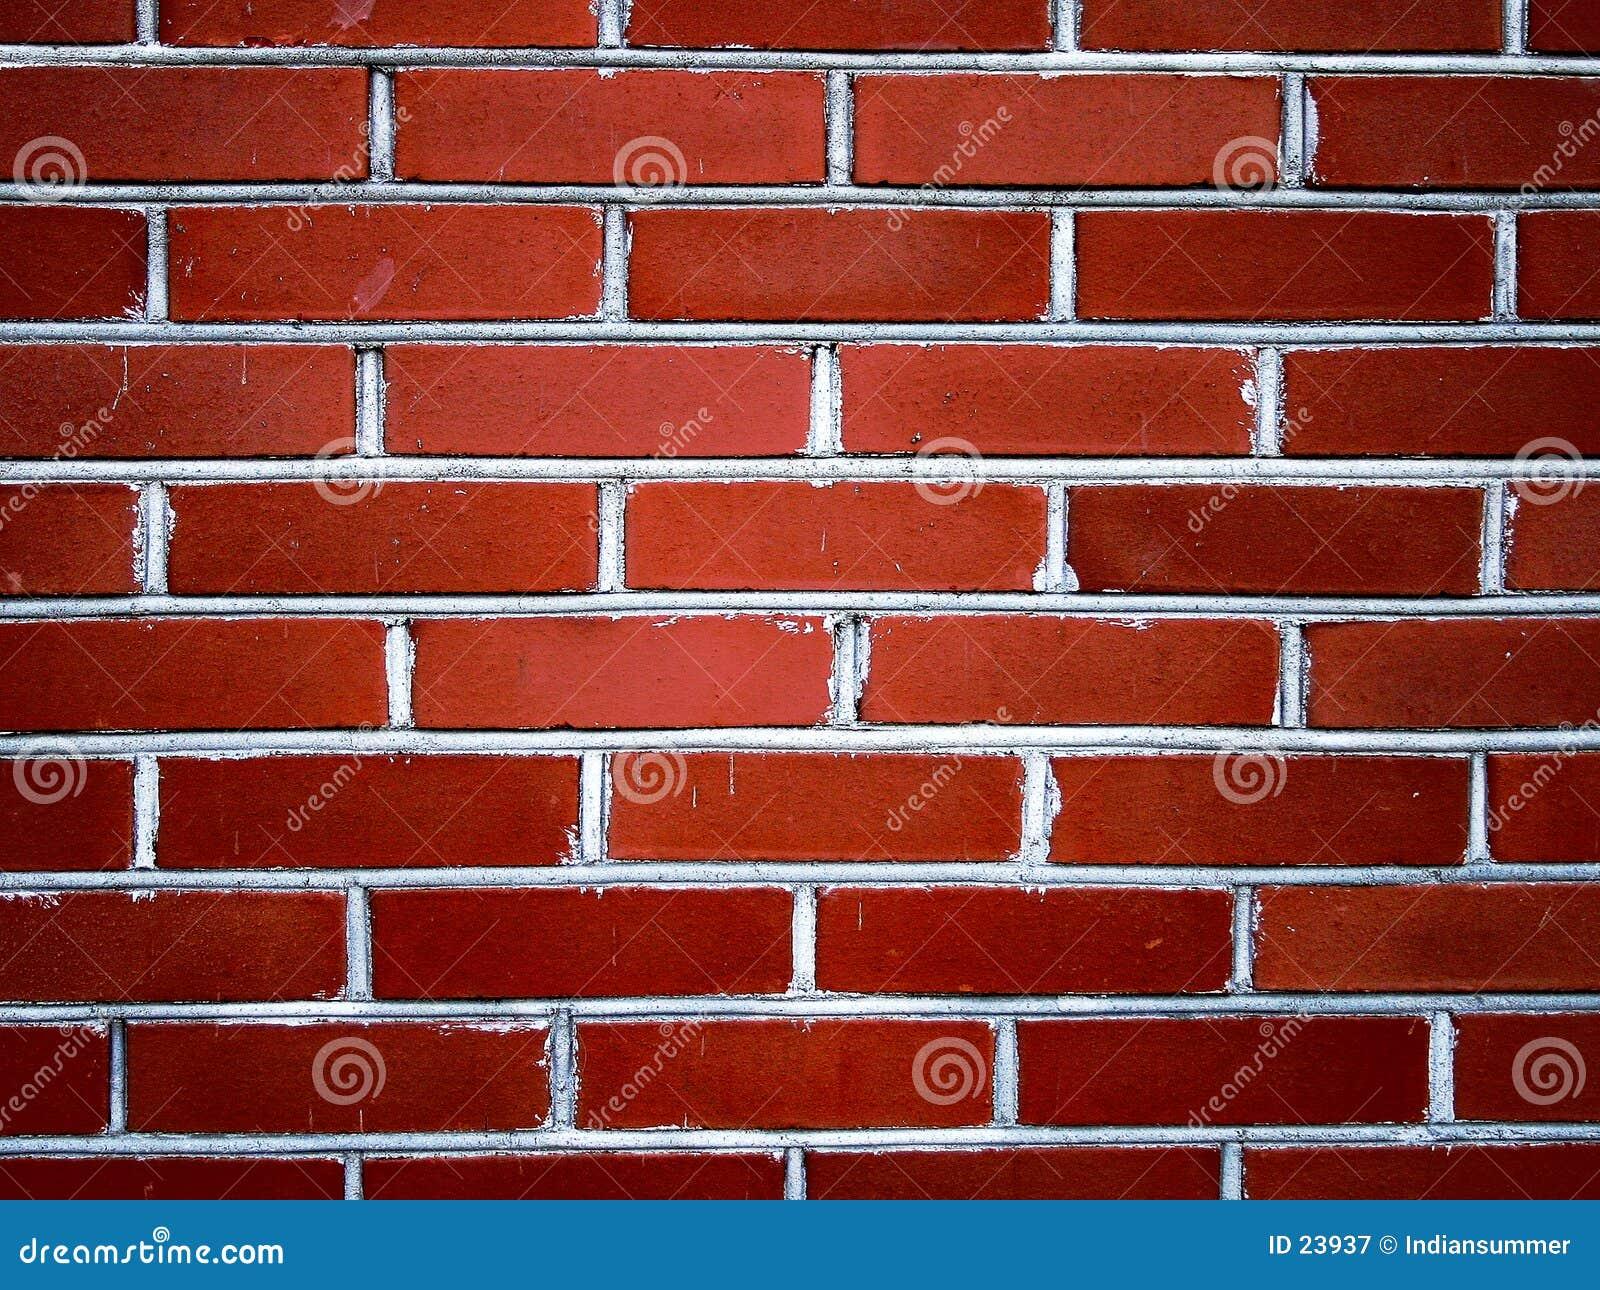 Red bricks wall II